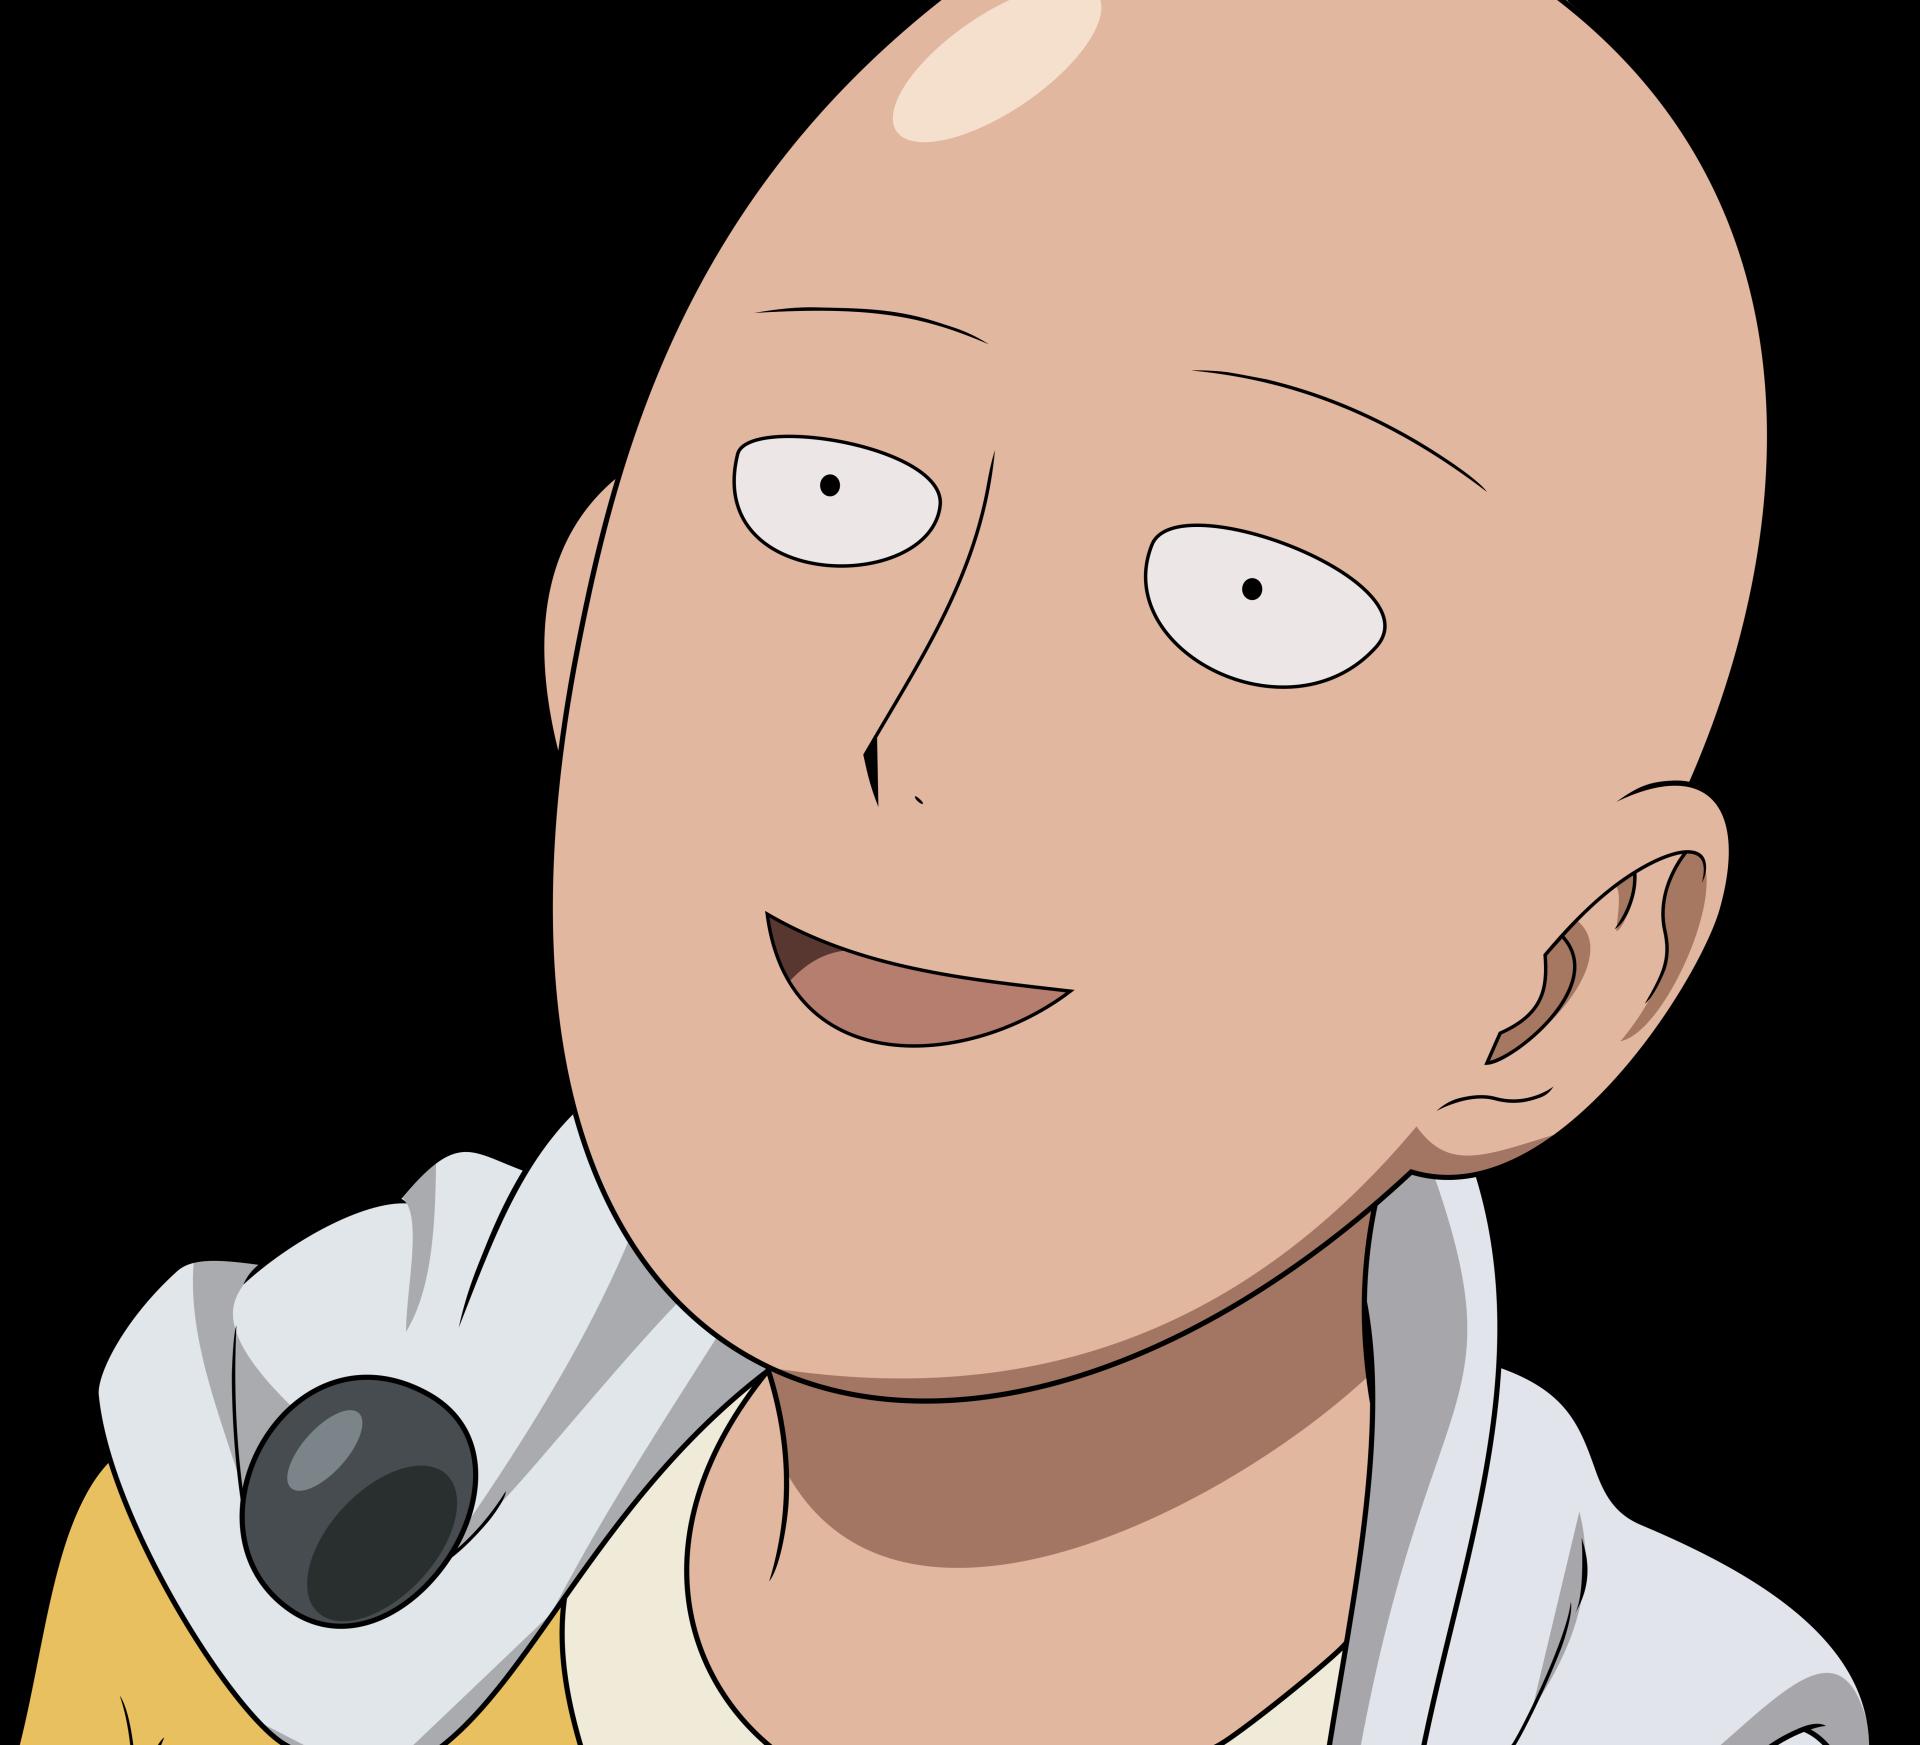 Anime One Punch Man Saitama One Punch Man Wallpaper Gambar Karakter Animasi Lucu